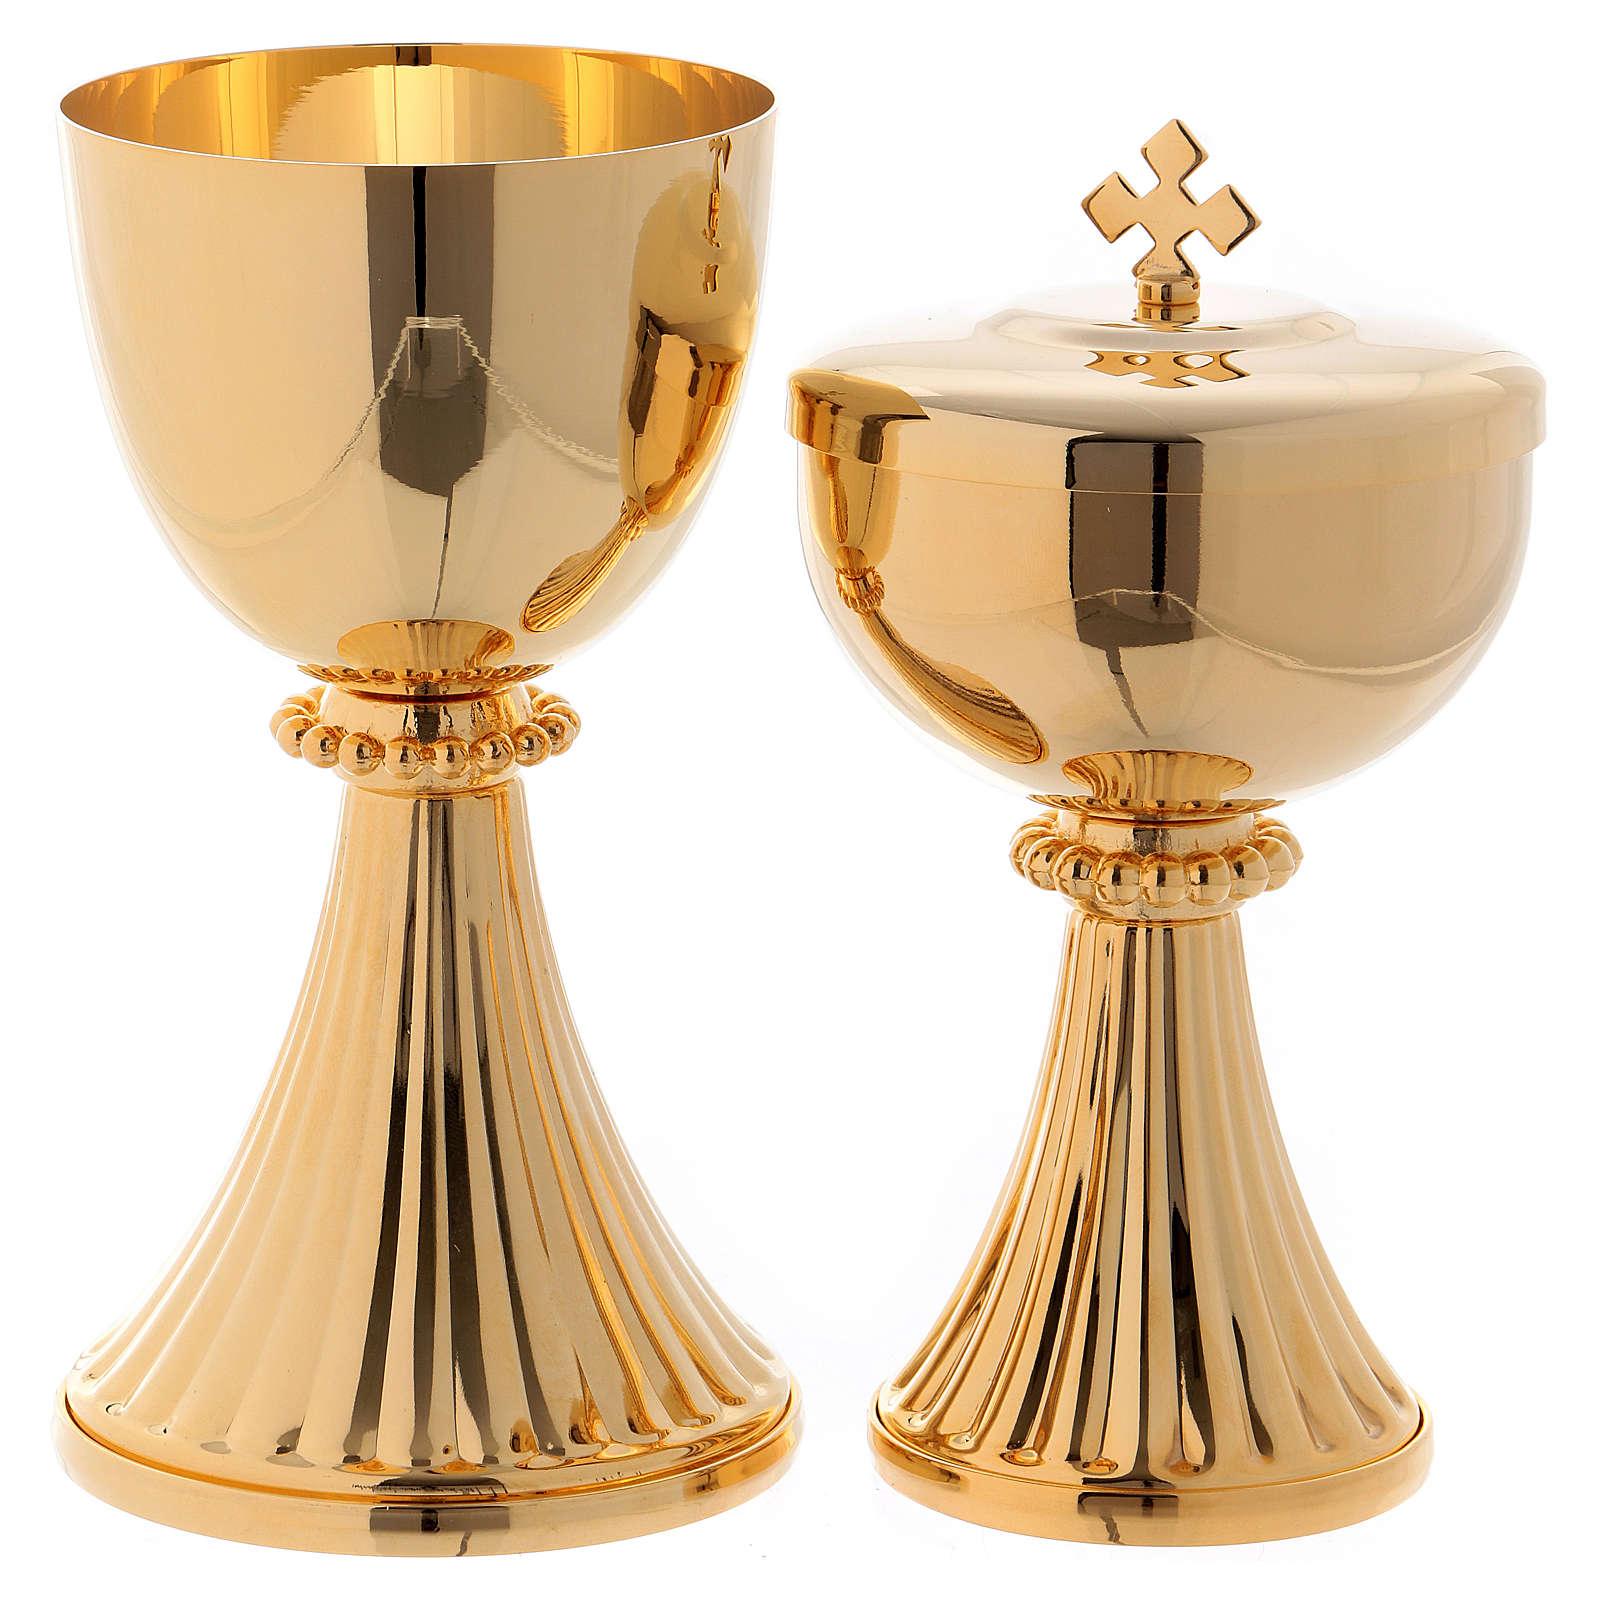 Calice et Ciboire Saint Germain laiton doré 4